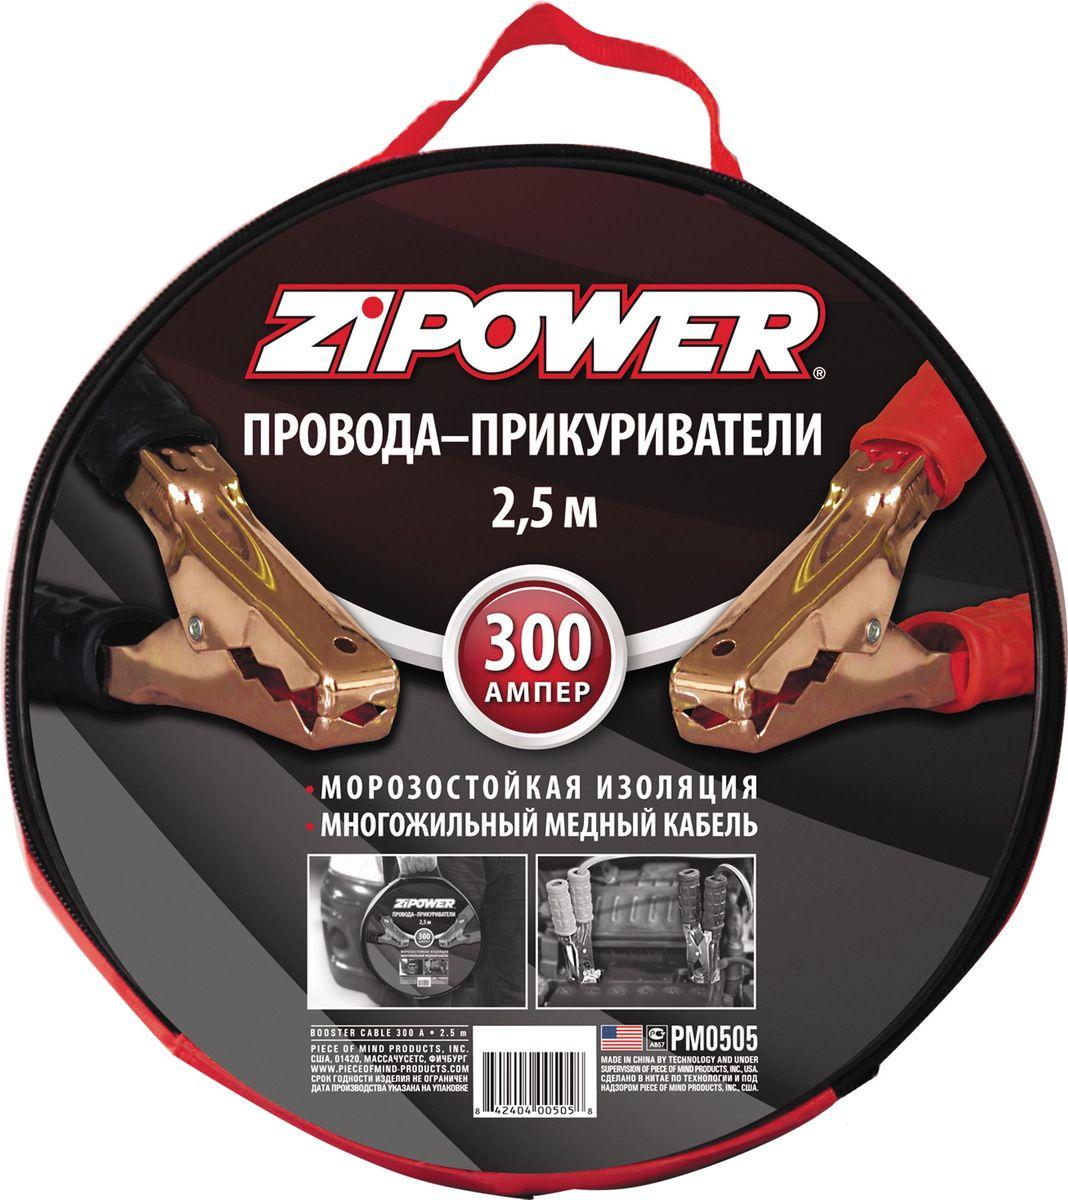 Провода вспомогательного запуска Zipower, 300 А, 2,5 мPM 0505Провода вспомогательного запуска Zipower изготовлены из многожильного медного провода с двойной морозостойкой изоляцией и отвечают всем необходимым стандартам. Обеспечивают уверенный запуск двигателя от аккумулятора другого автомобиля. Благодаря высокому качеству провода вспомогательного запуска Zipower прослужат много лет. Многожильный медный провод с двойной морозостойкой обмоткой гарантирует высокую надежность. Провода вспомогательного запуска применяются для запуска двигателей легковых и грузовых автомобилей. Подсоединяются к одноименным клеммам аккумулятора. Длина: 2,5 м. Сила тока: 300 А.